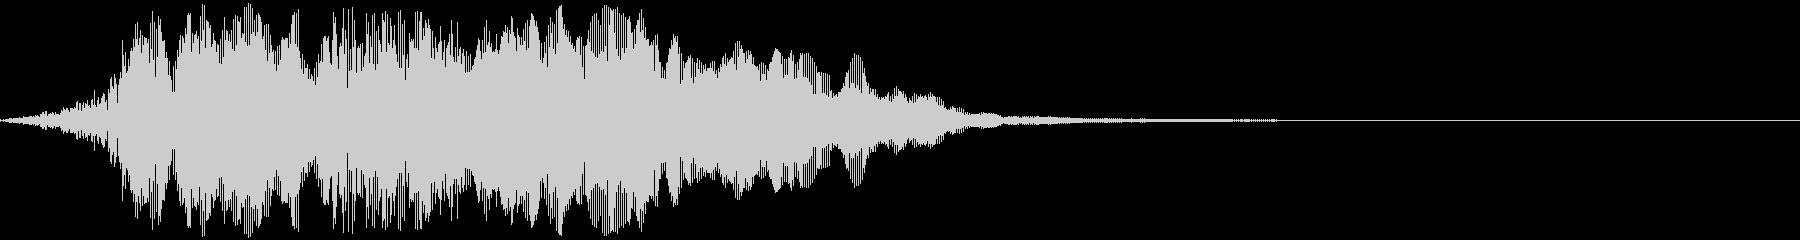 法螺貝を吹き鳴らす(複数)の未再生の波形